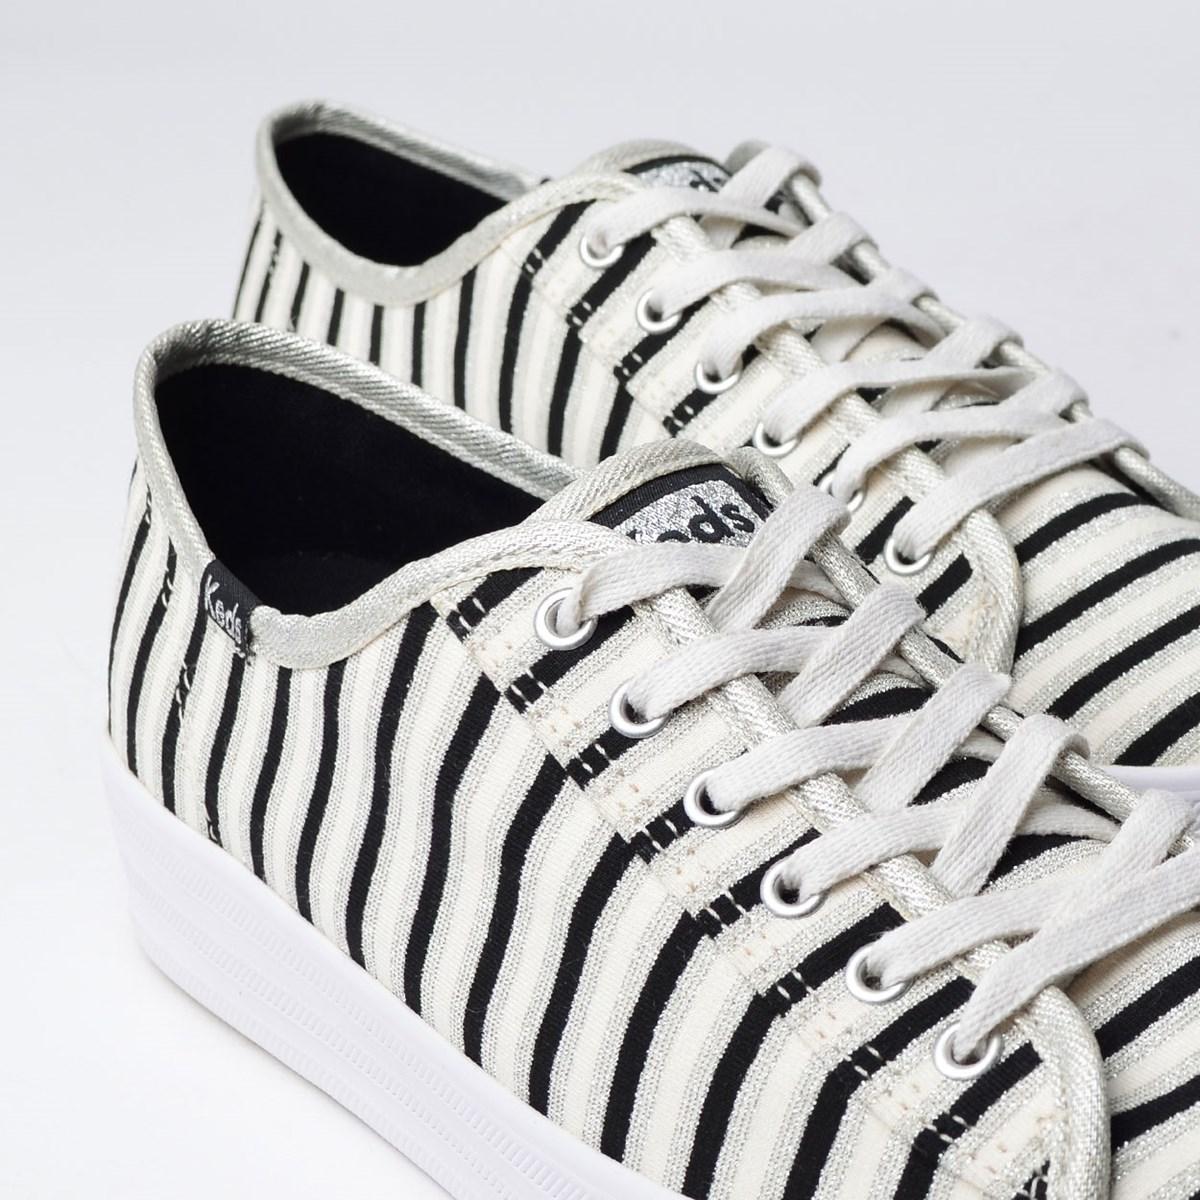 Tênis Keds Triple Kick Stripes Lurex Prata KD1361066